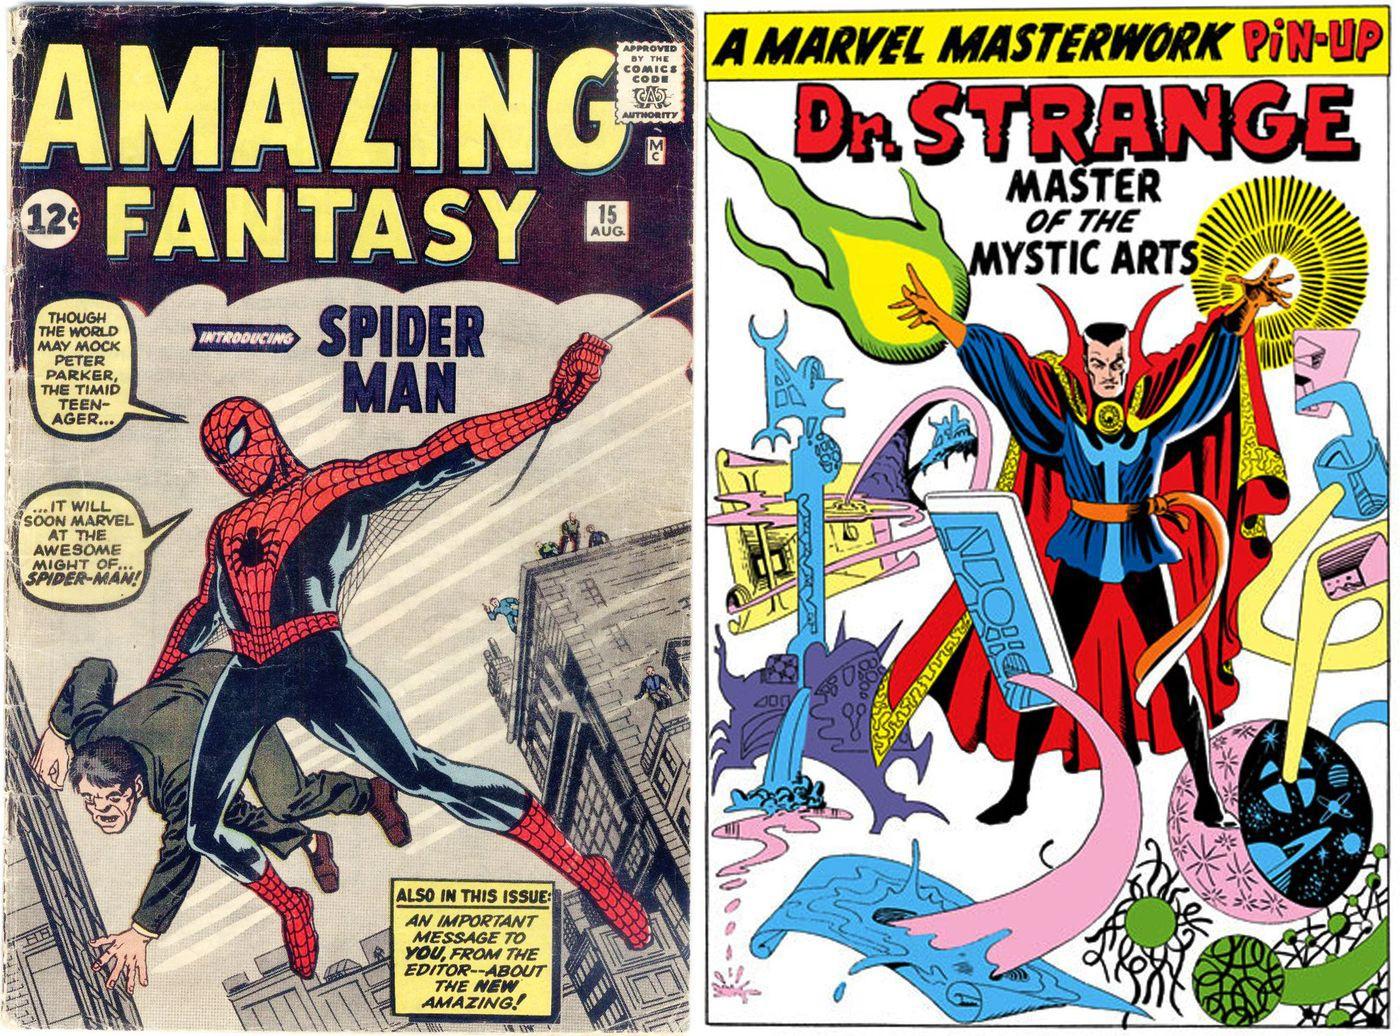 Cha đẻ của Spider-Man, Doctor Strange qua đời cô độc ở tuổi 90 - Ảnh 3.